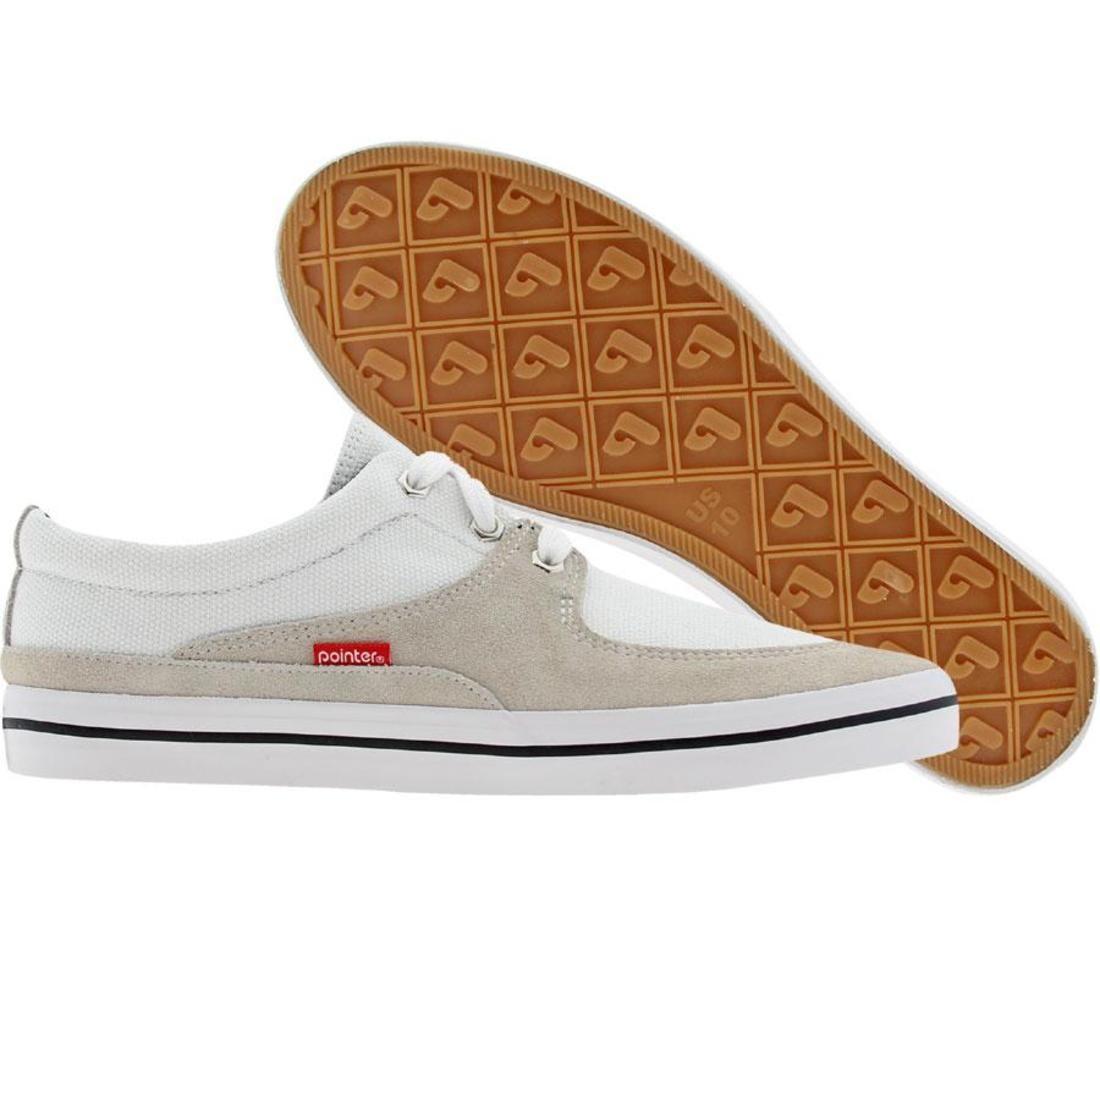 【海外限定】靴 メンズ靴 【 POINTER DEBASER WHITE 】